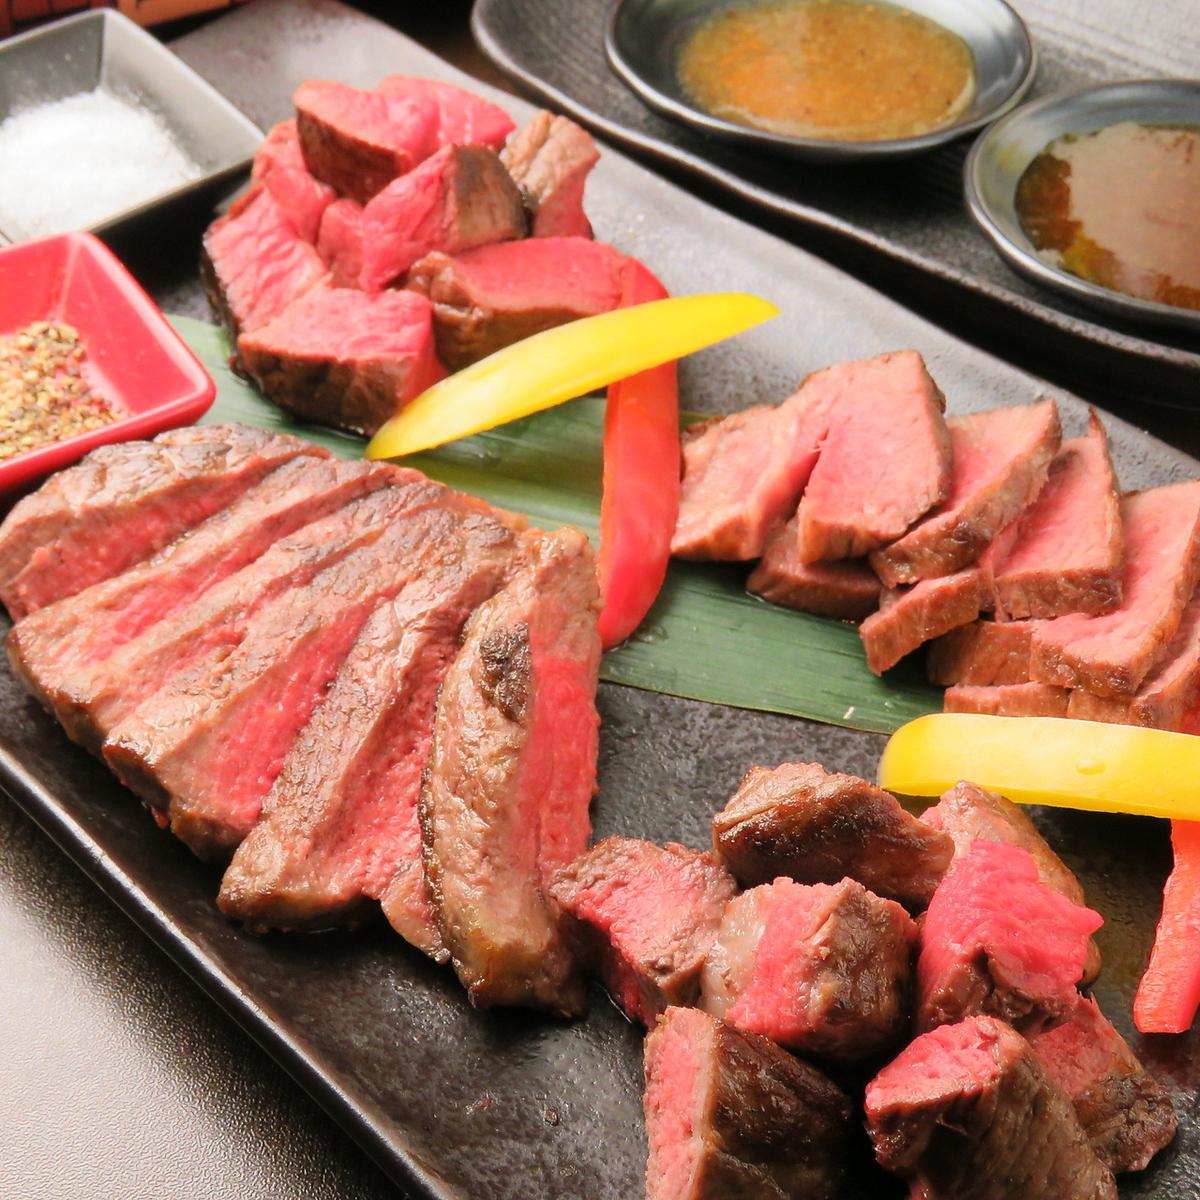 肉バルならではの赤身肉盛り合わせ。